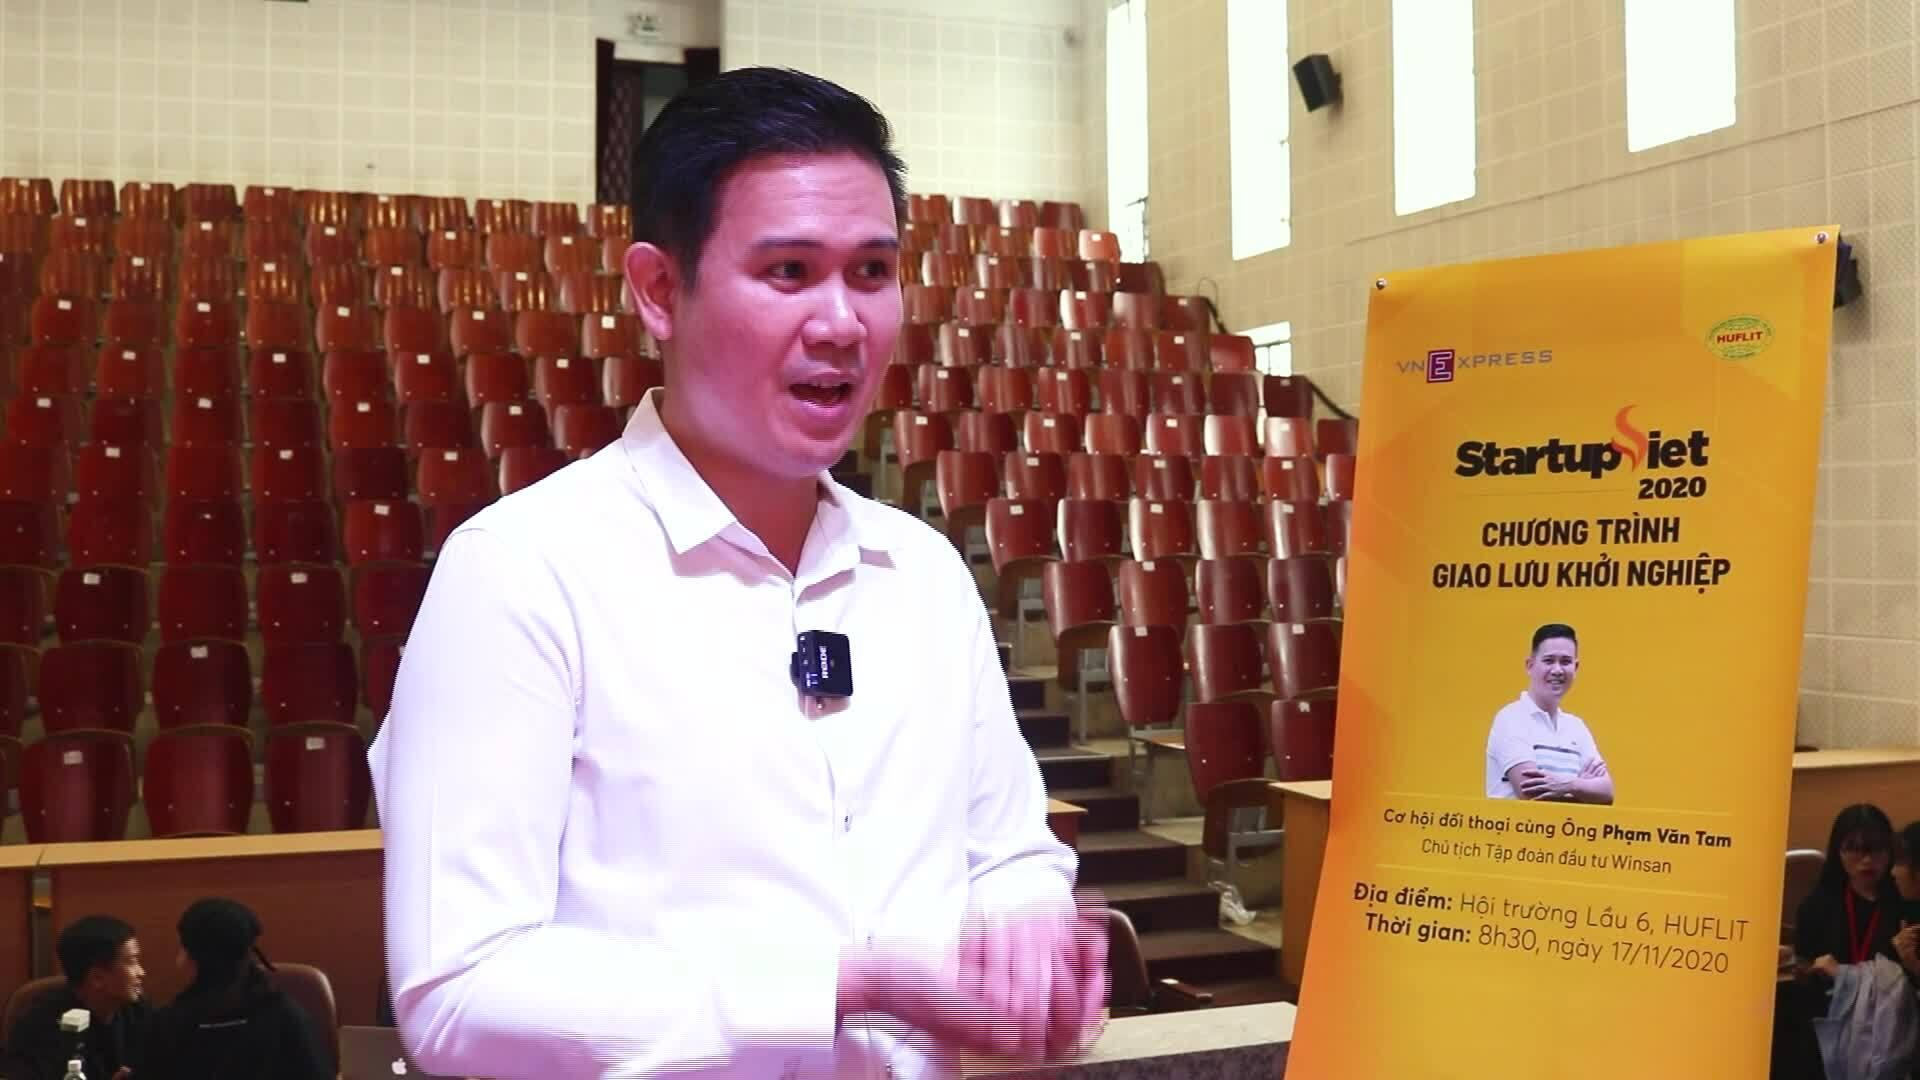 Ông Phạm Văn Tam: 'Làm thuê không phải xây ước mơ người khác'